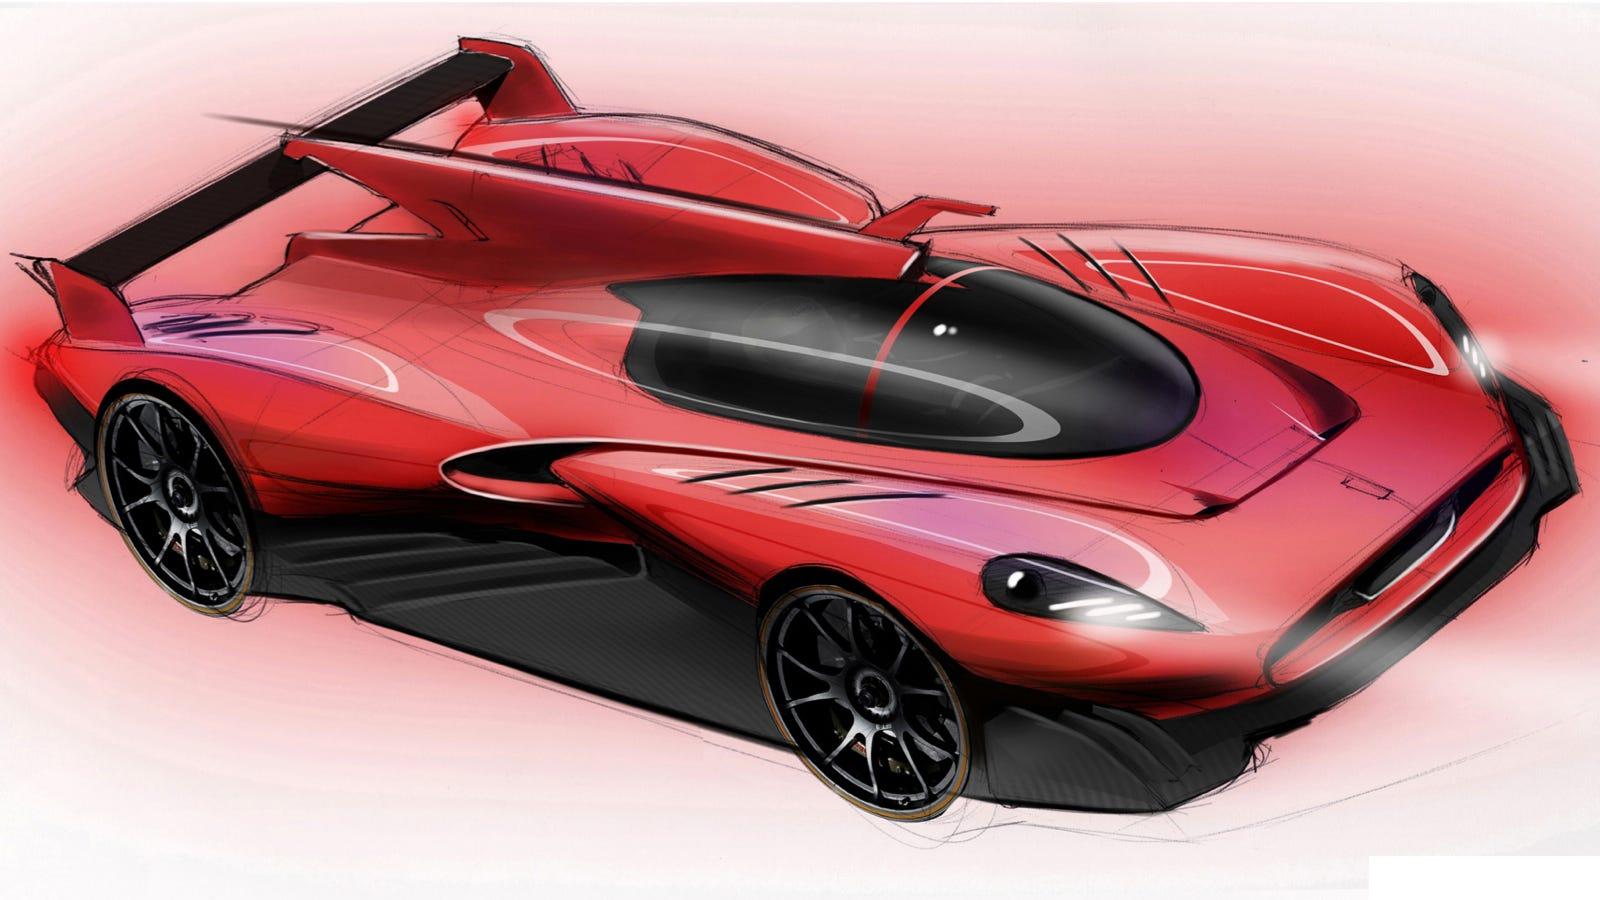 Ferrari P4 5 >> This Gorgeous Hi-Tech Ferrari Race Car Might Battle At Le Mans As A Privateer